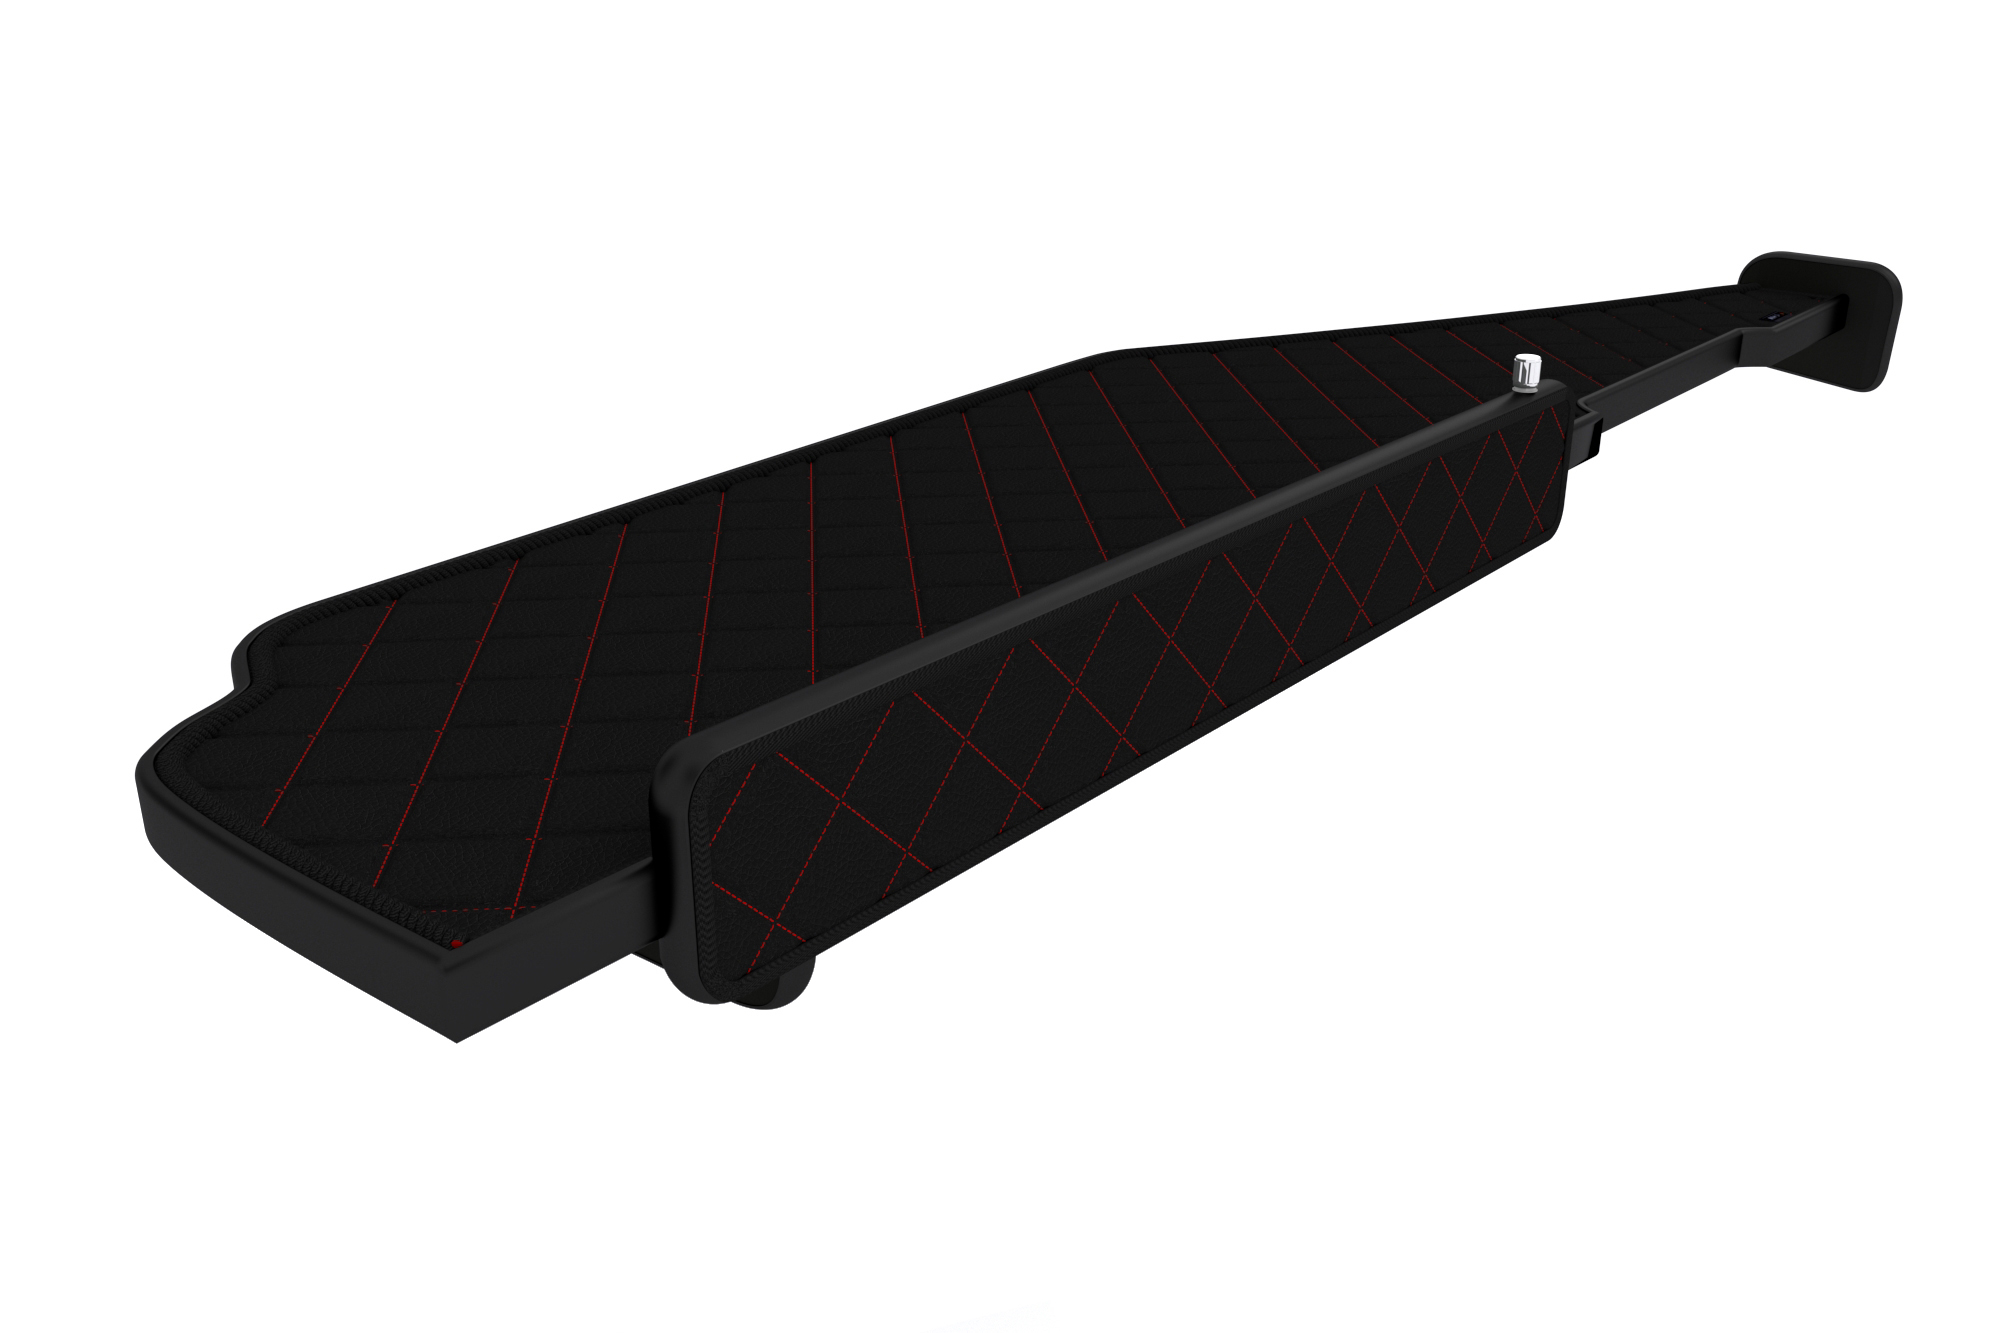 ft11 tablette longue led elegance mercedes actros mp 4 cab largeur 250cm trucks shop. Black Bedroom Furniture Sets. Home Design Ideas